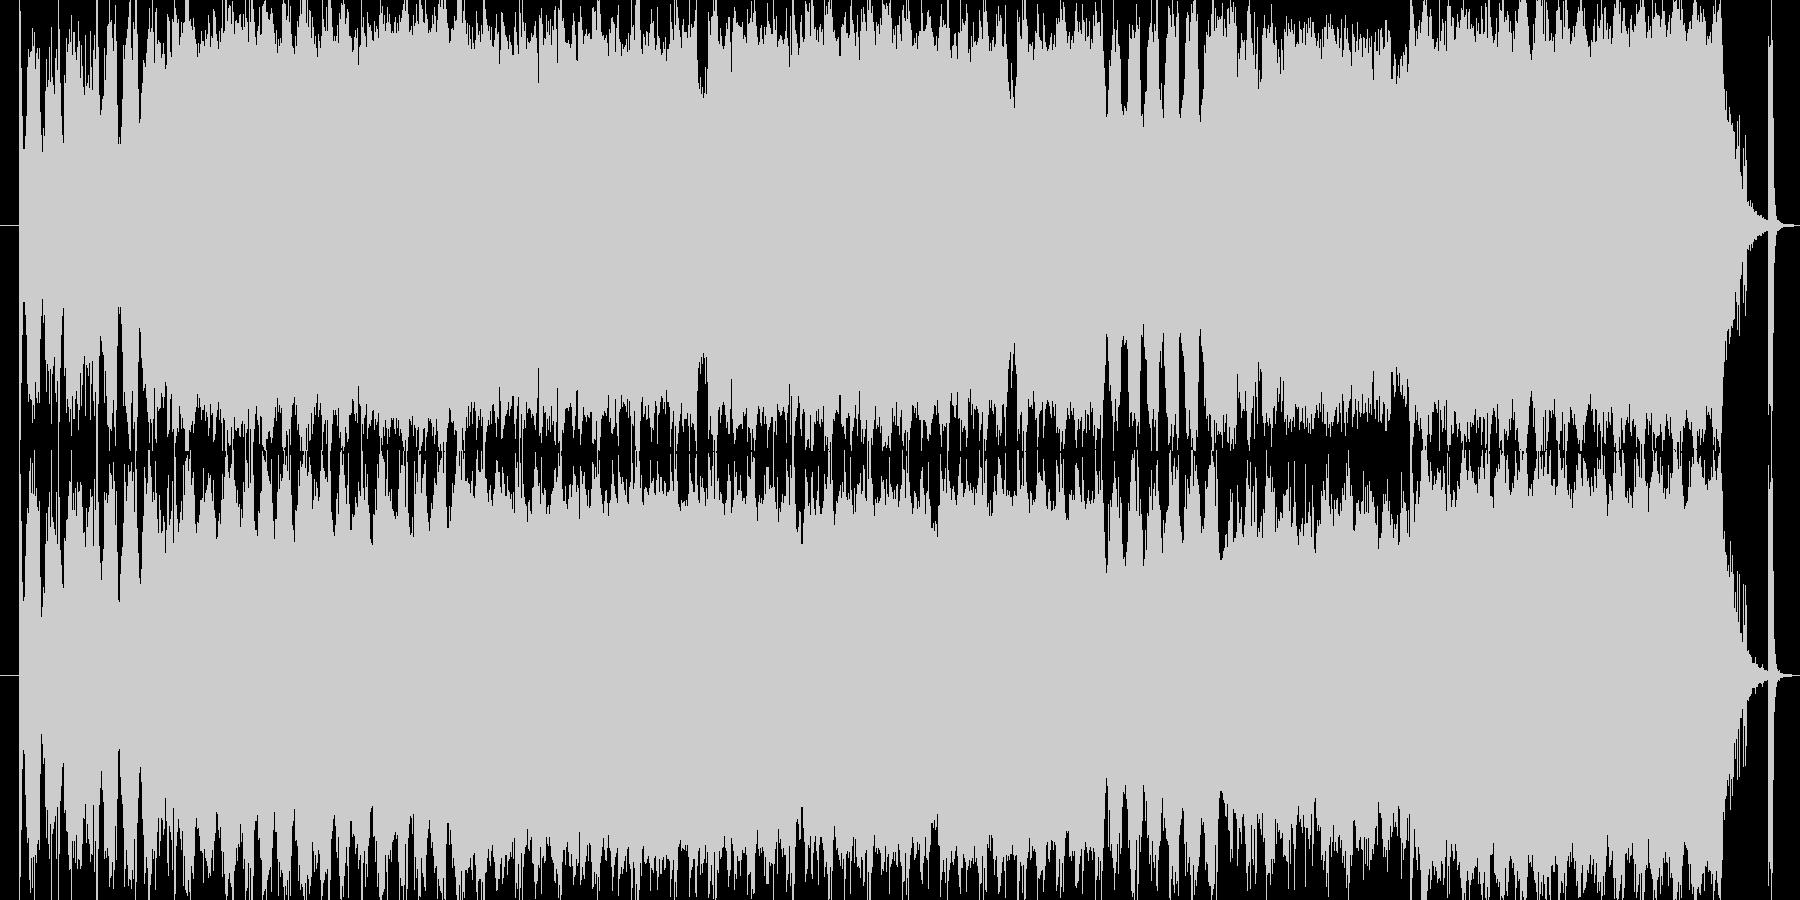 バイオリンとビオラのワルツです。の未再生の波形